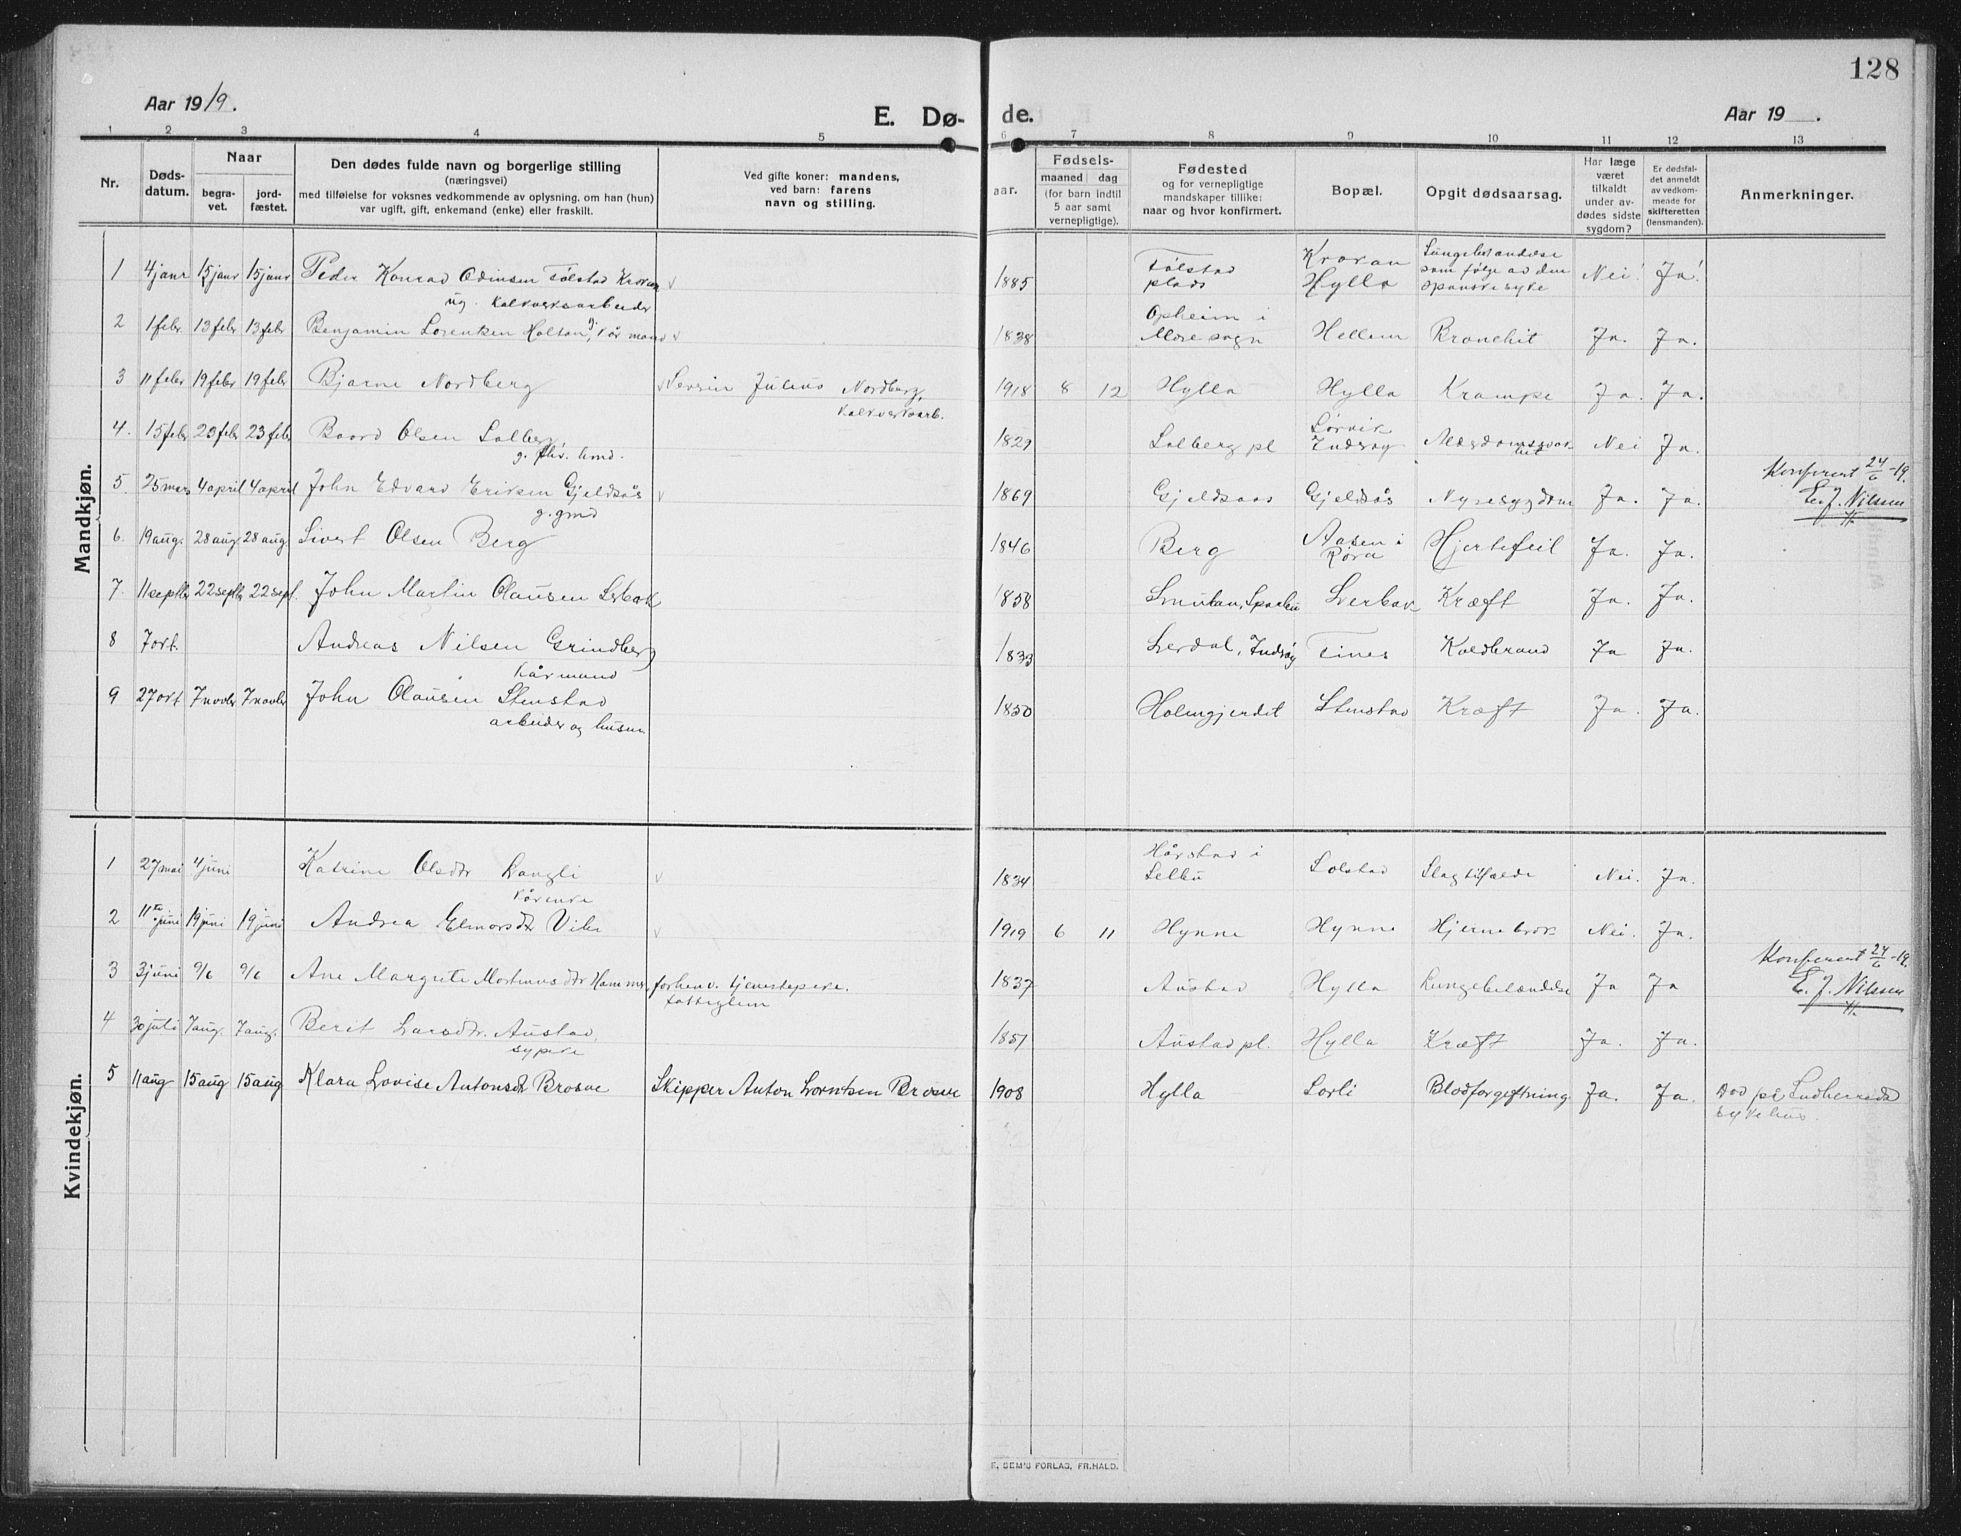 SAT, Ministerialprotokoller, klokkerbøker og fødselsregistre - Nord-Trøndelag, 731/L0312: Klokkerbok nr. 731C03, 1911-1935, s. 128